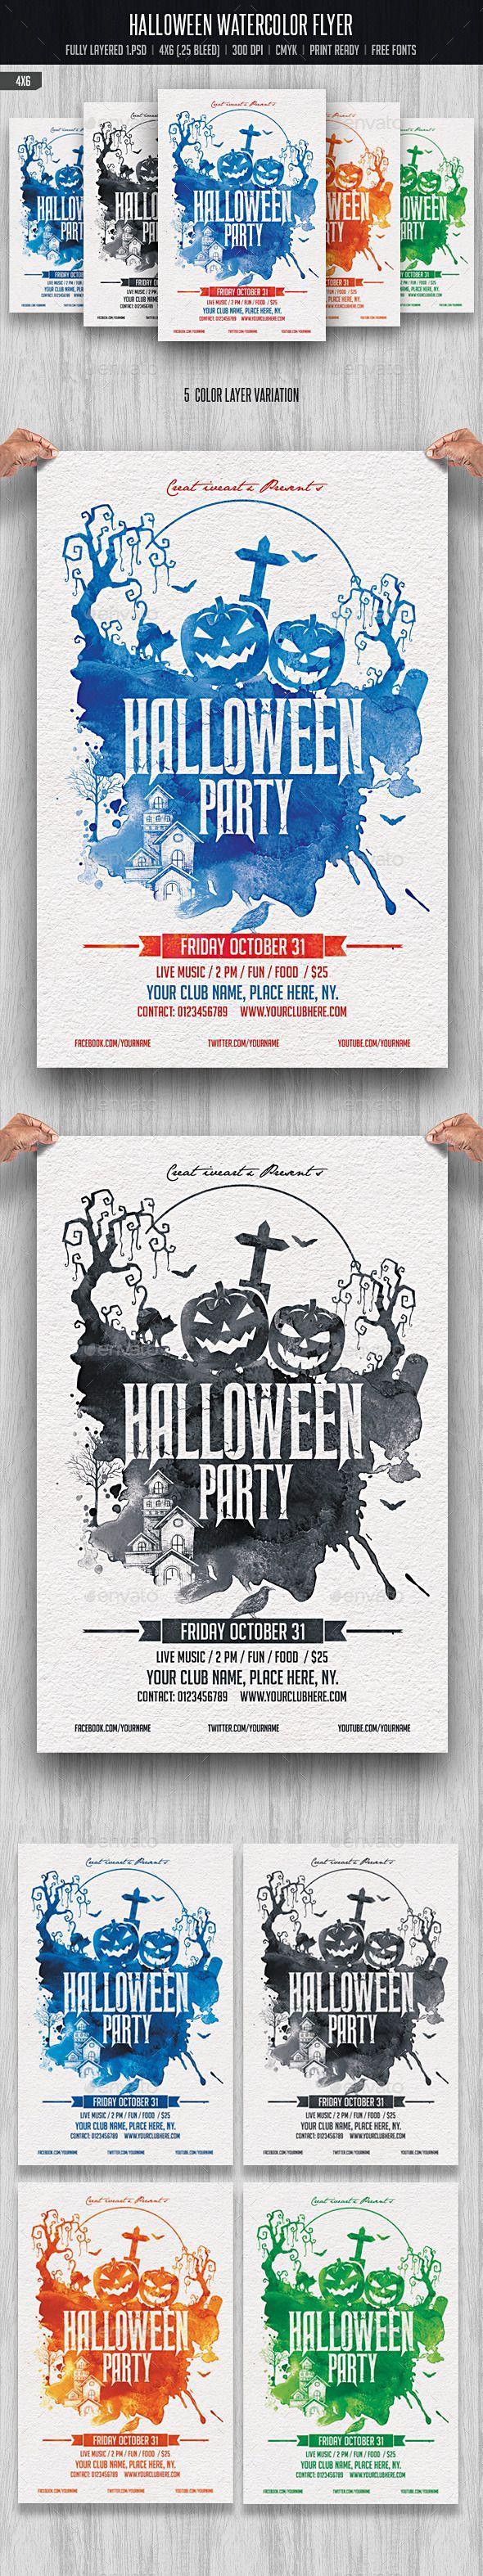 Halloween Watercolor Flyer Tempalte #design Download: http://graphicriver.net/item/halloween-watercolor-flyer/12885093?ref=ksioks